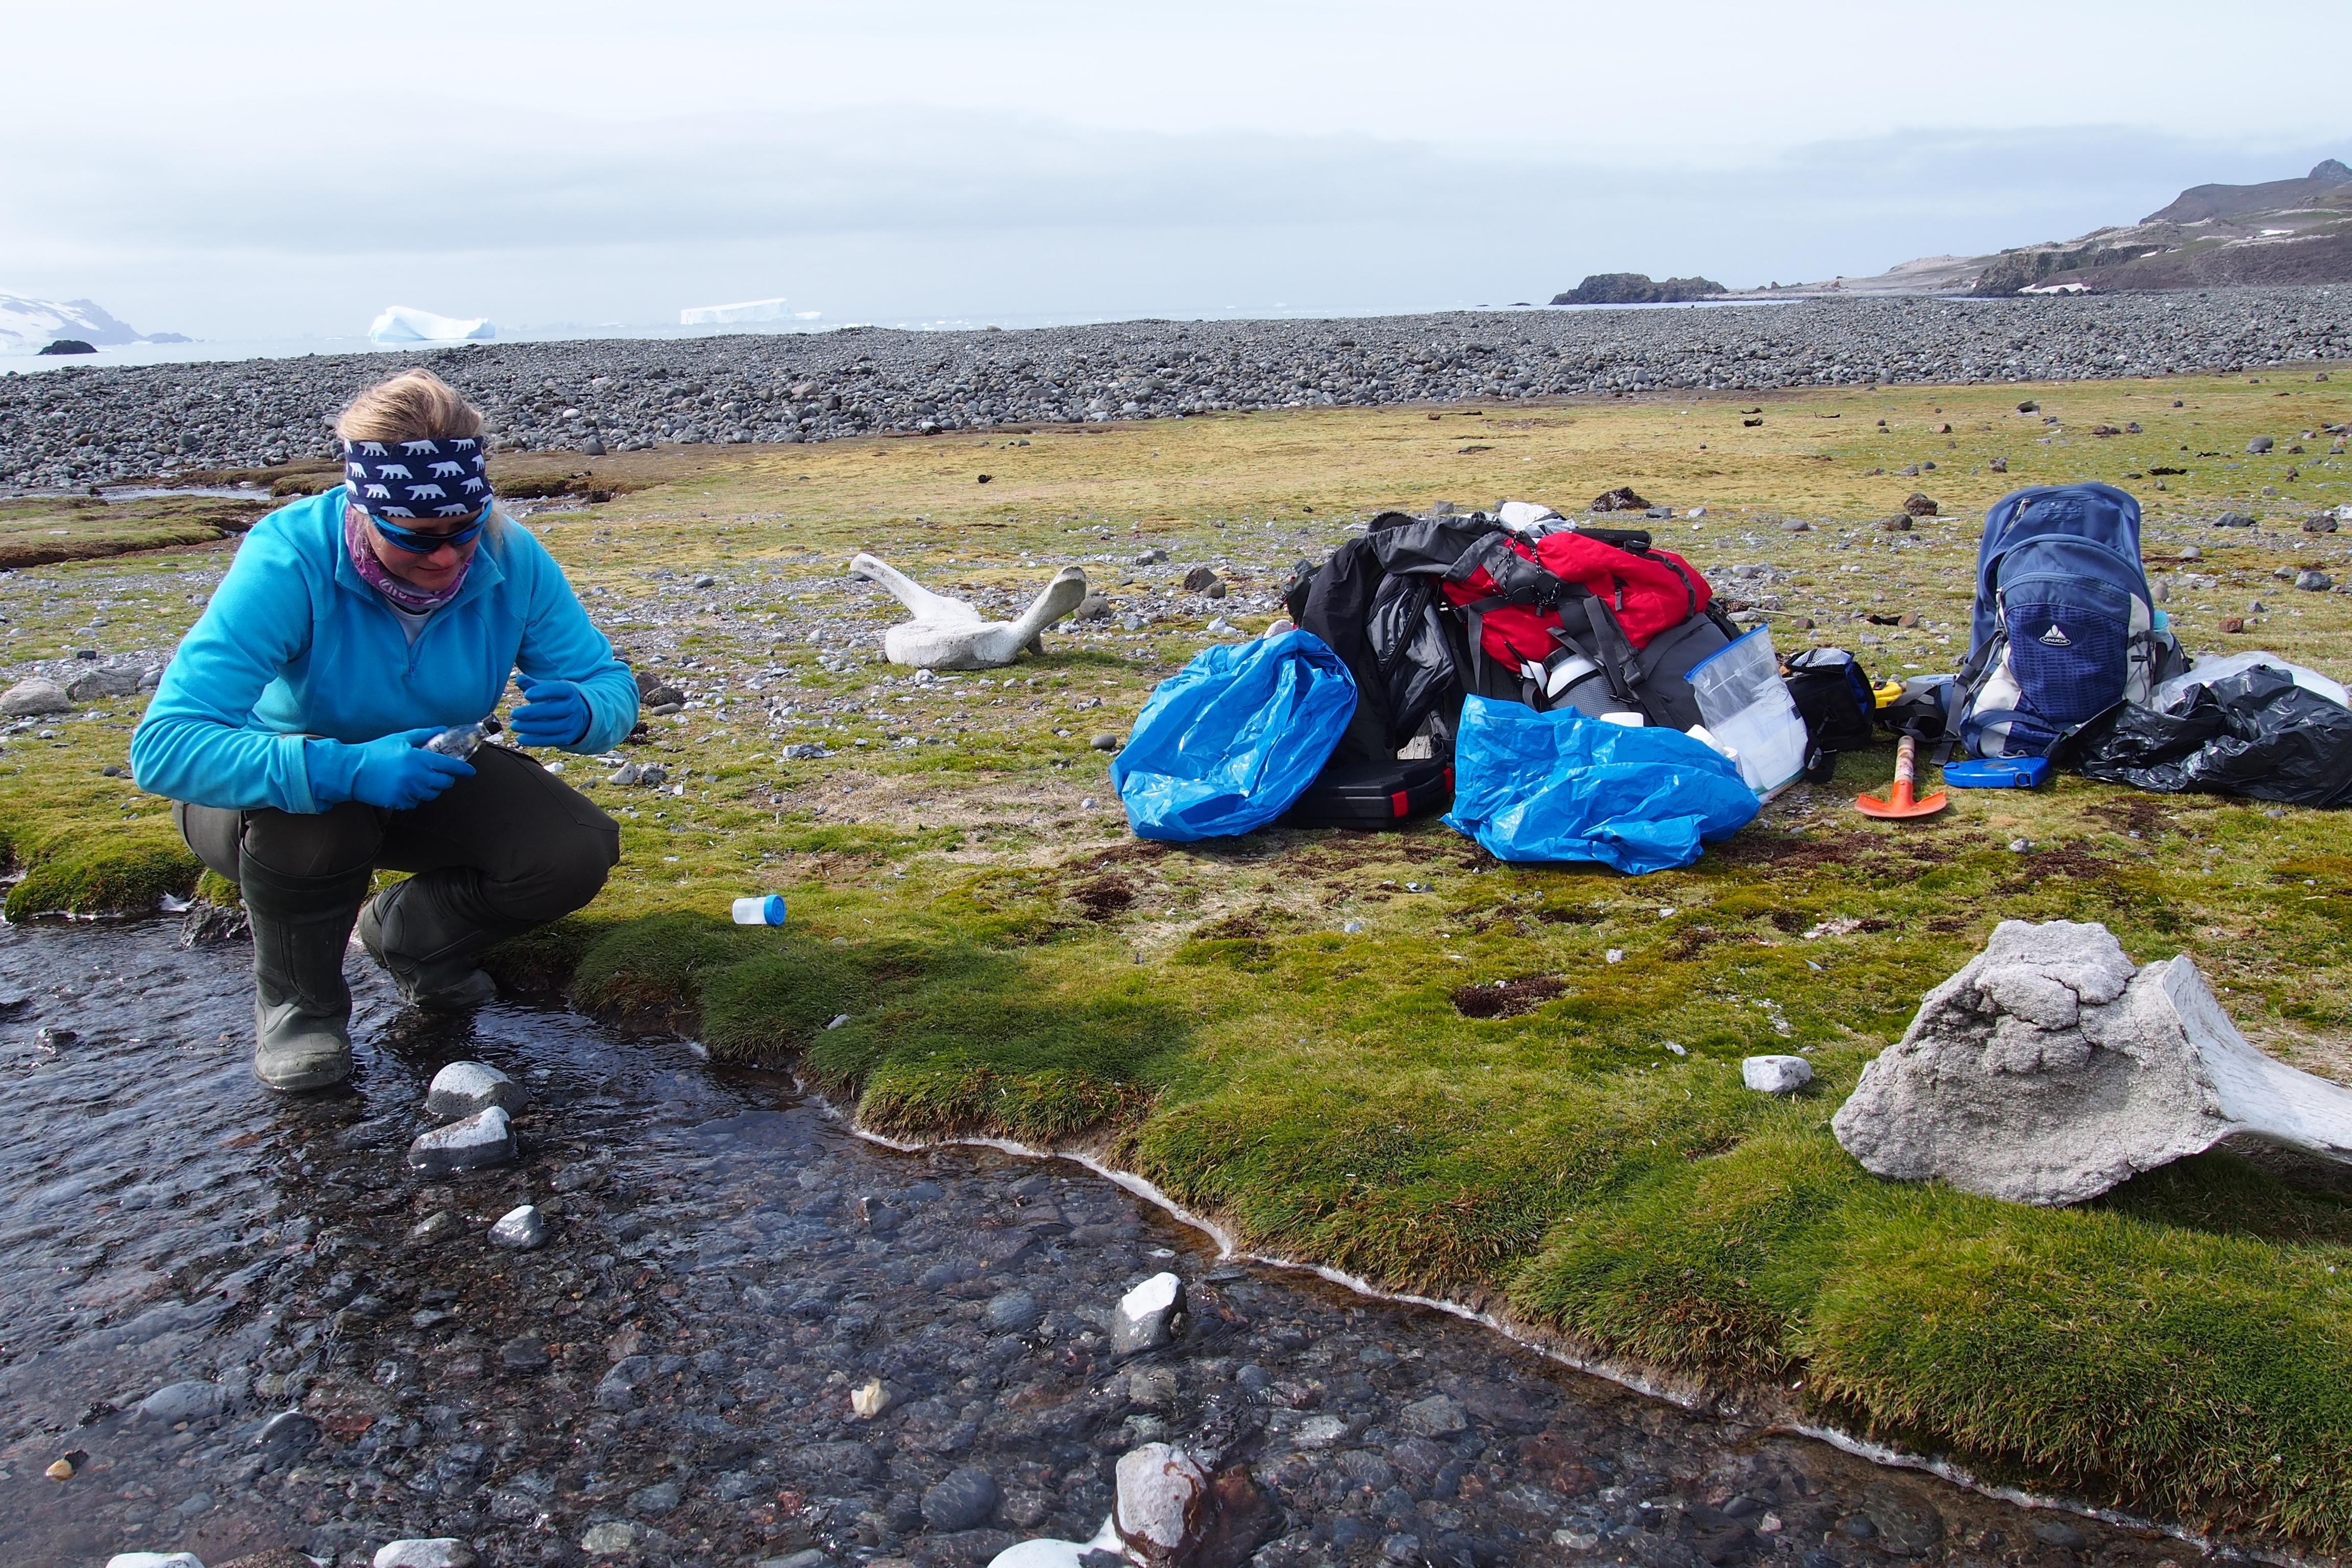 Pobór próbek wody ze Strumienia Ornitologów | Hydrological measurements